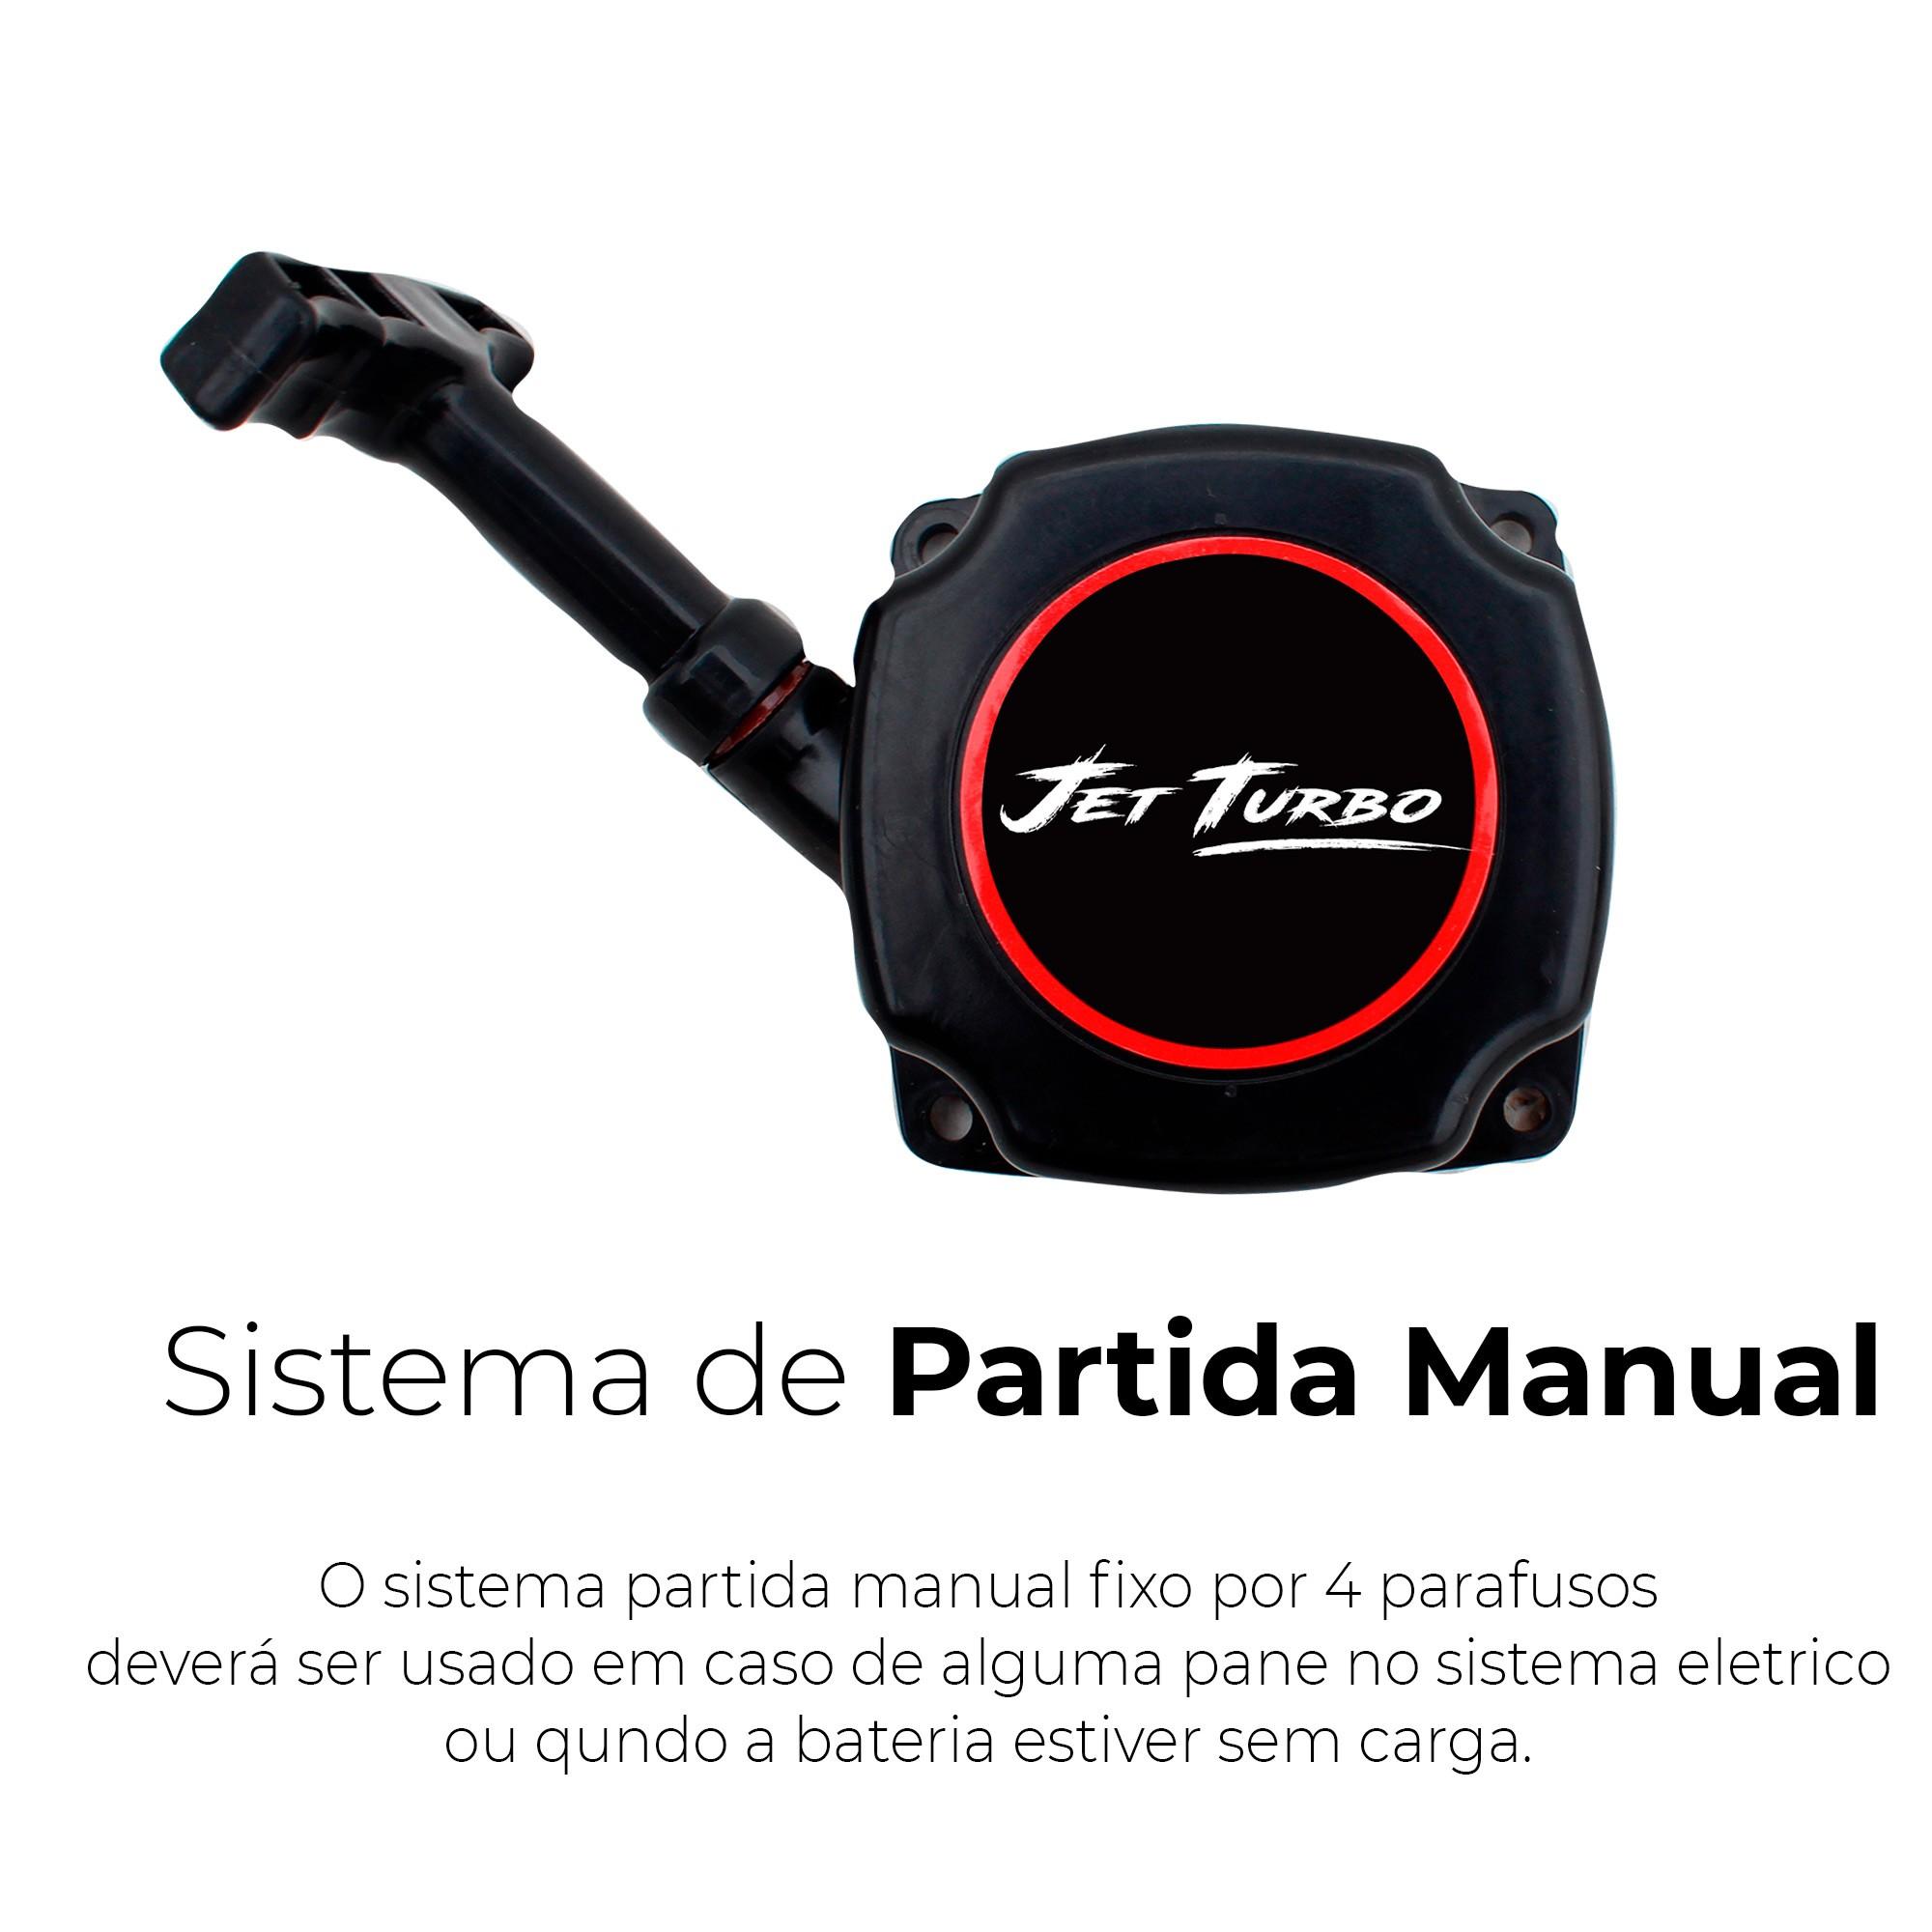 Motor Jet Turbo Partida Elétrica Pantaneiro (cód.4751-0102)